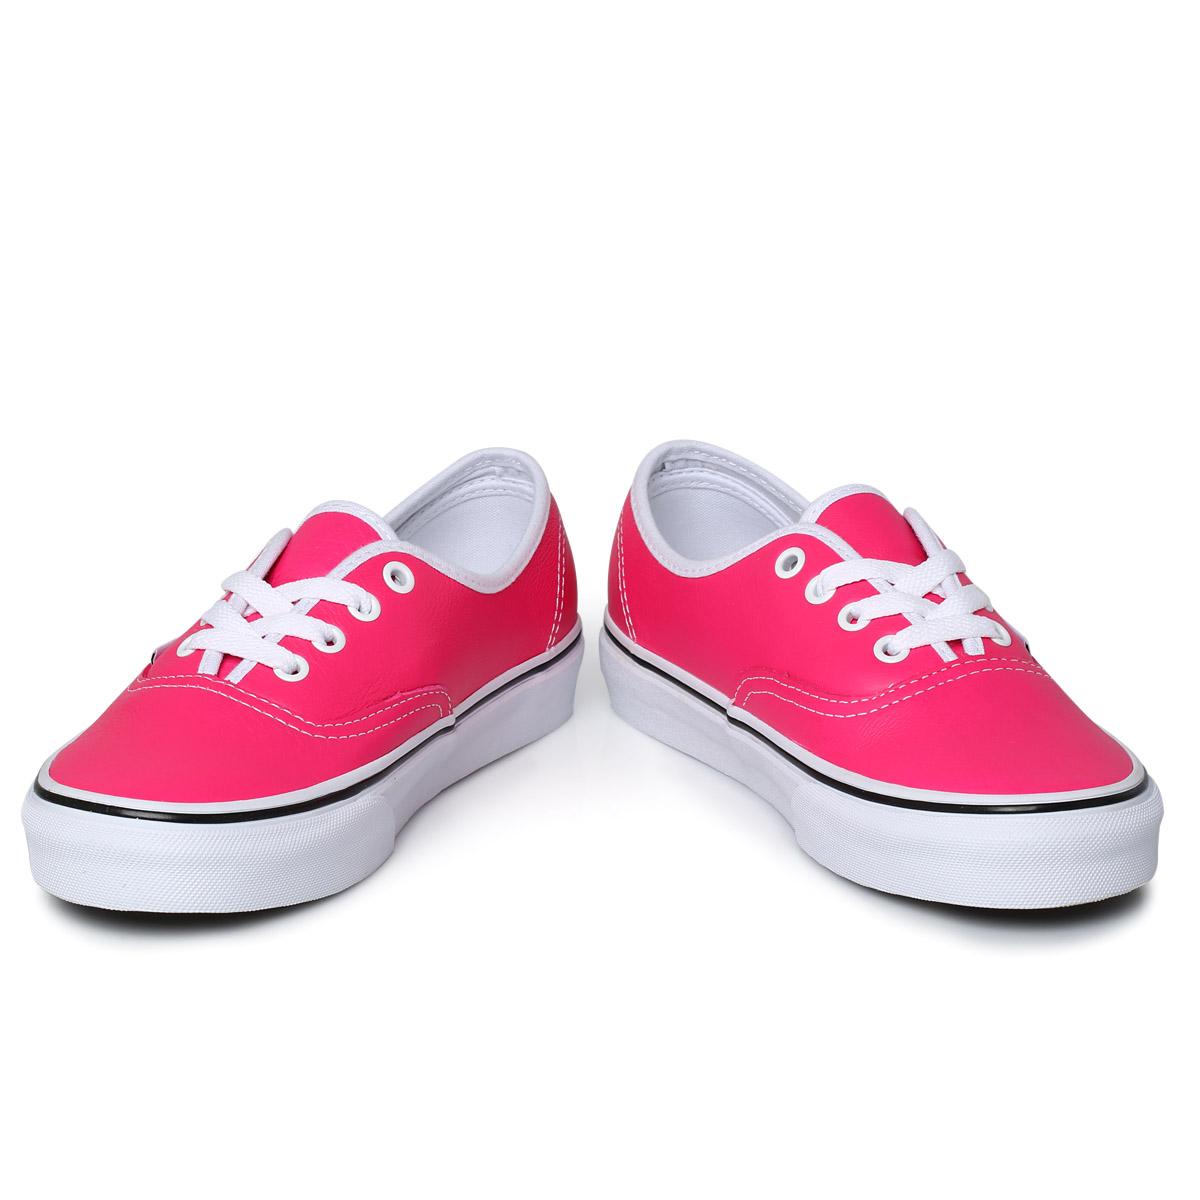 29 New Vans Shoes Women Neon